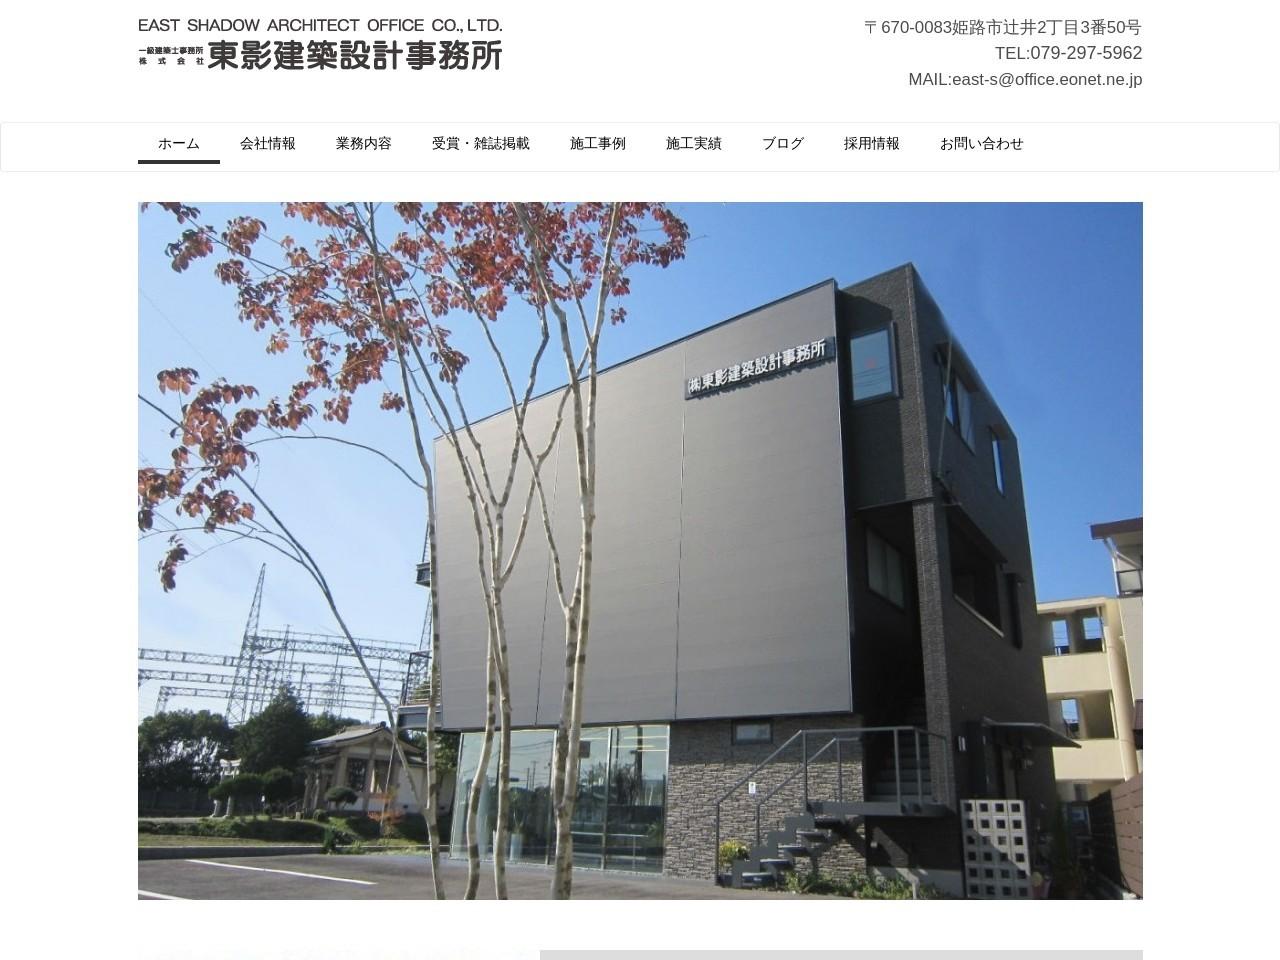 株式会社東影建築設計事務所